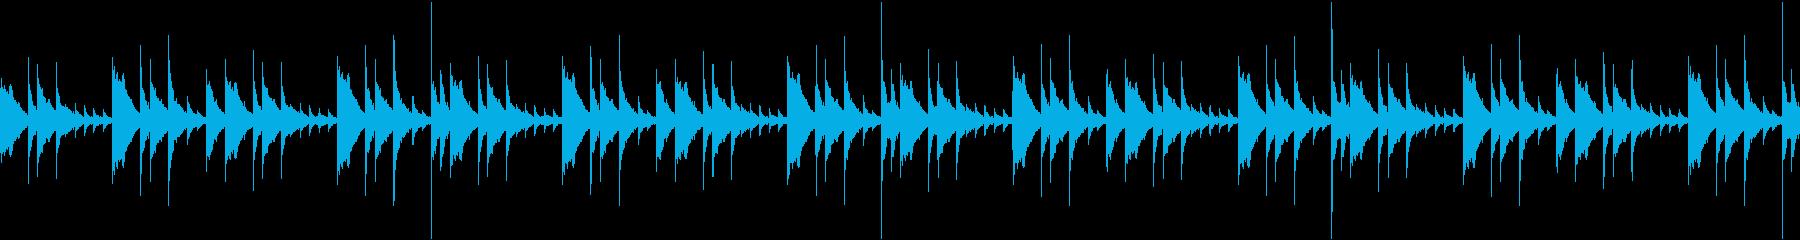 少しダークなハンドパンBGMの再生済みの波形